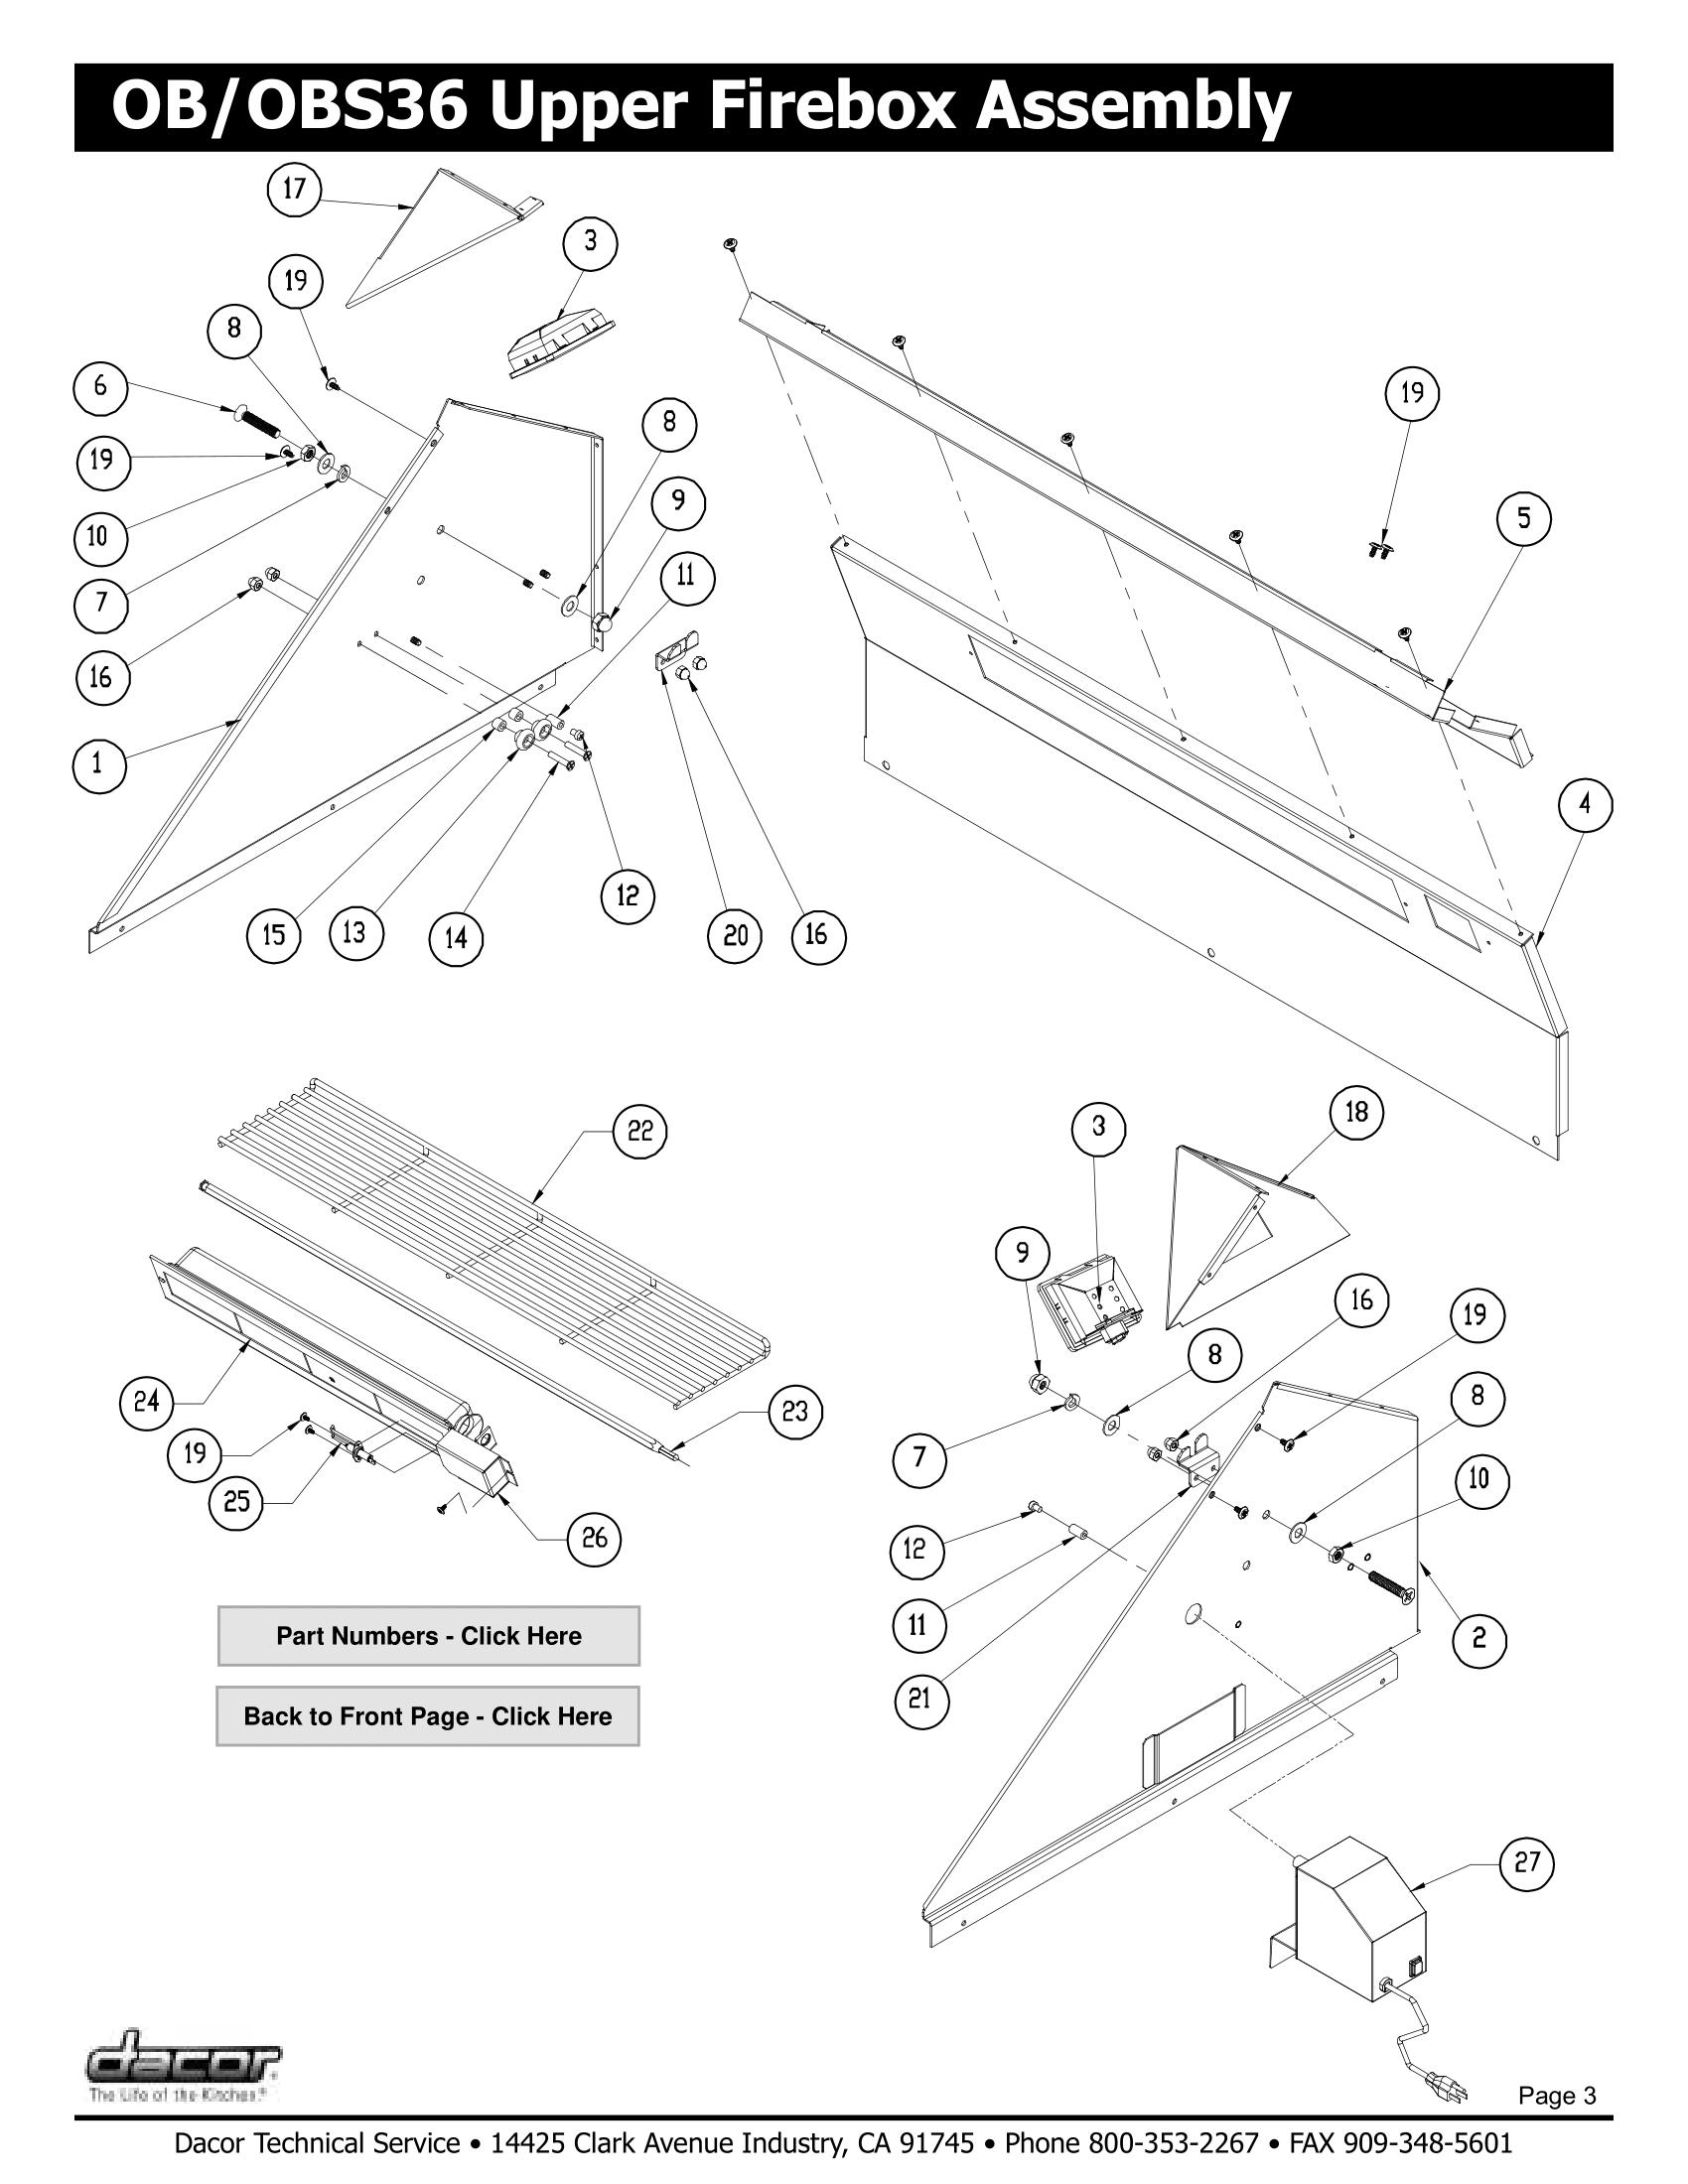 Dacor OB36 Upper Firebox Assembly Schematic